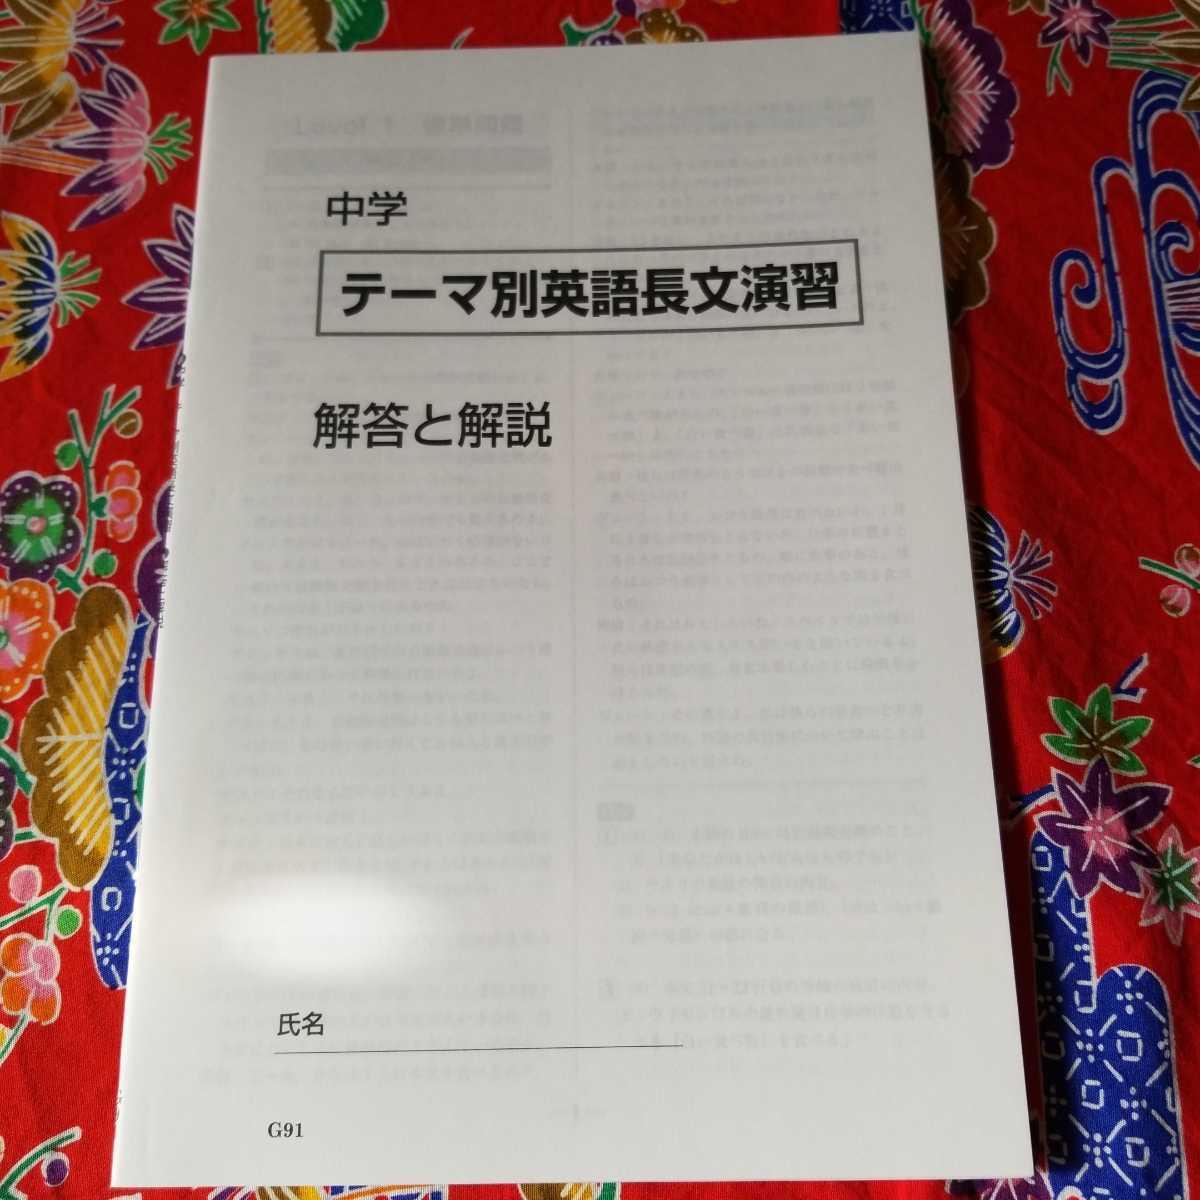 中学生 テーマ別英語長文演習 高校受験 入試問題